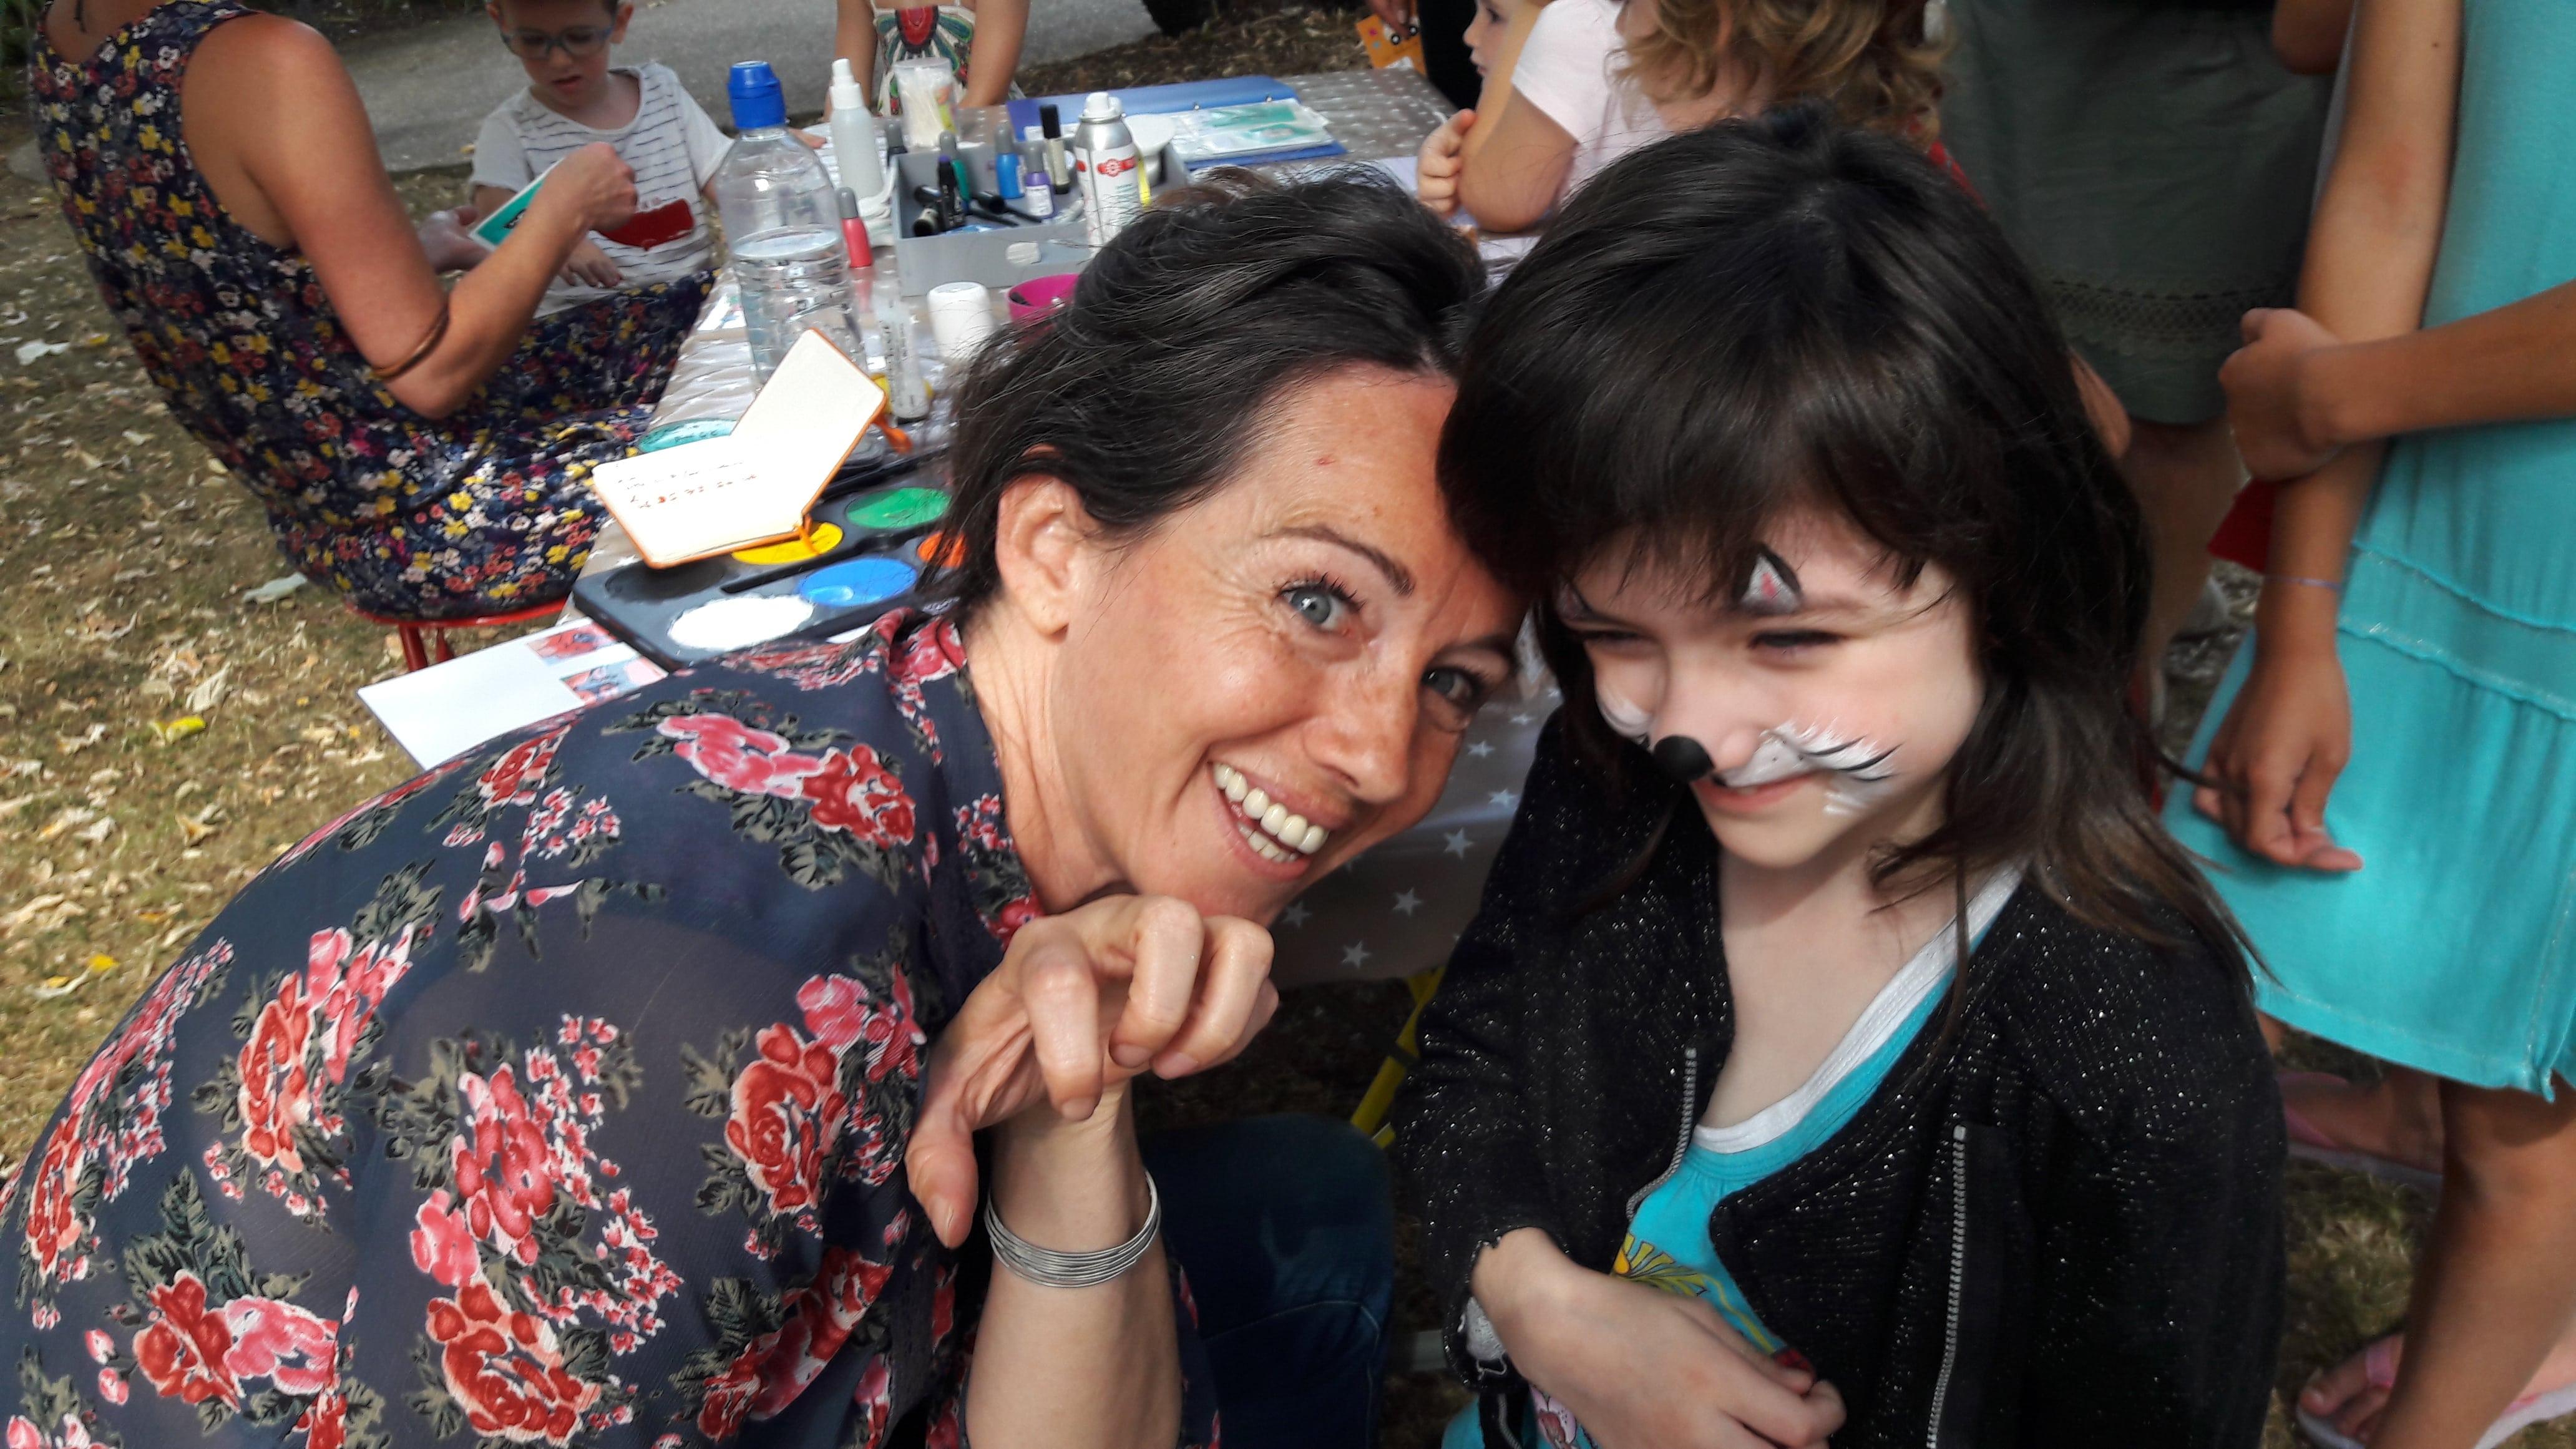 Les ateliers de Chloé Pays Basque